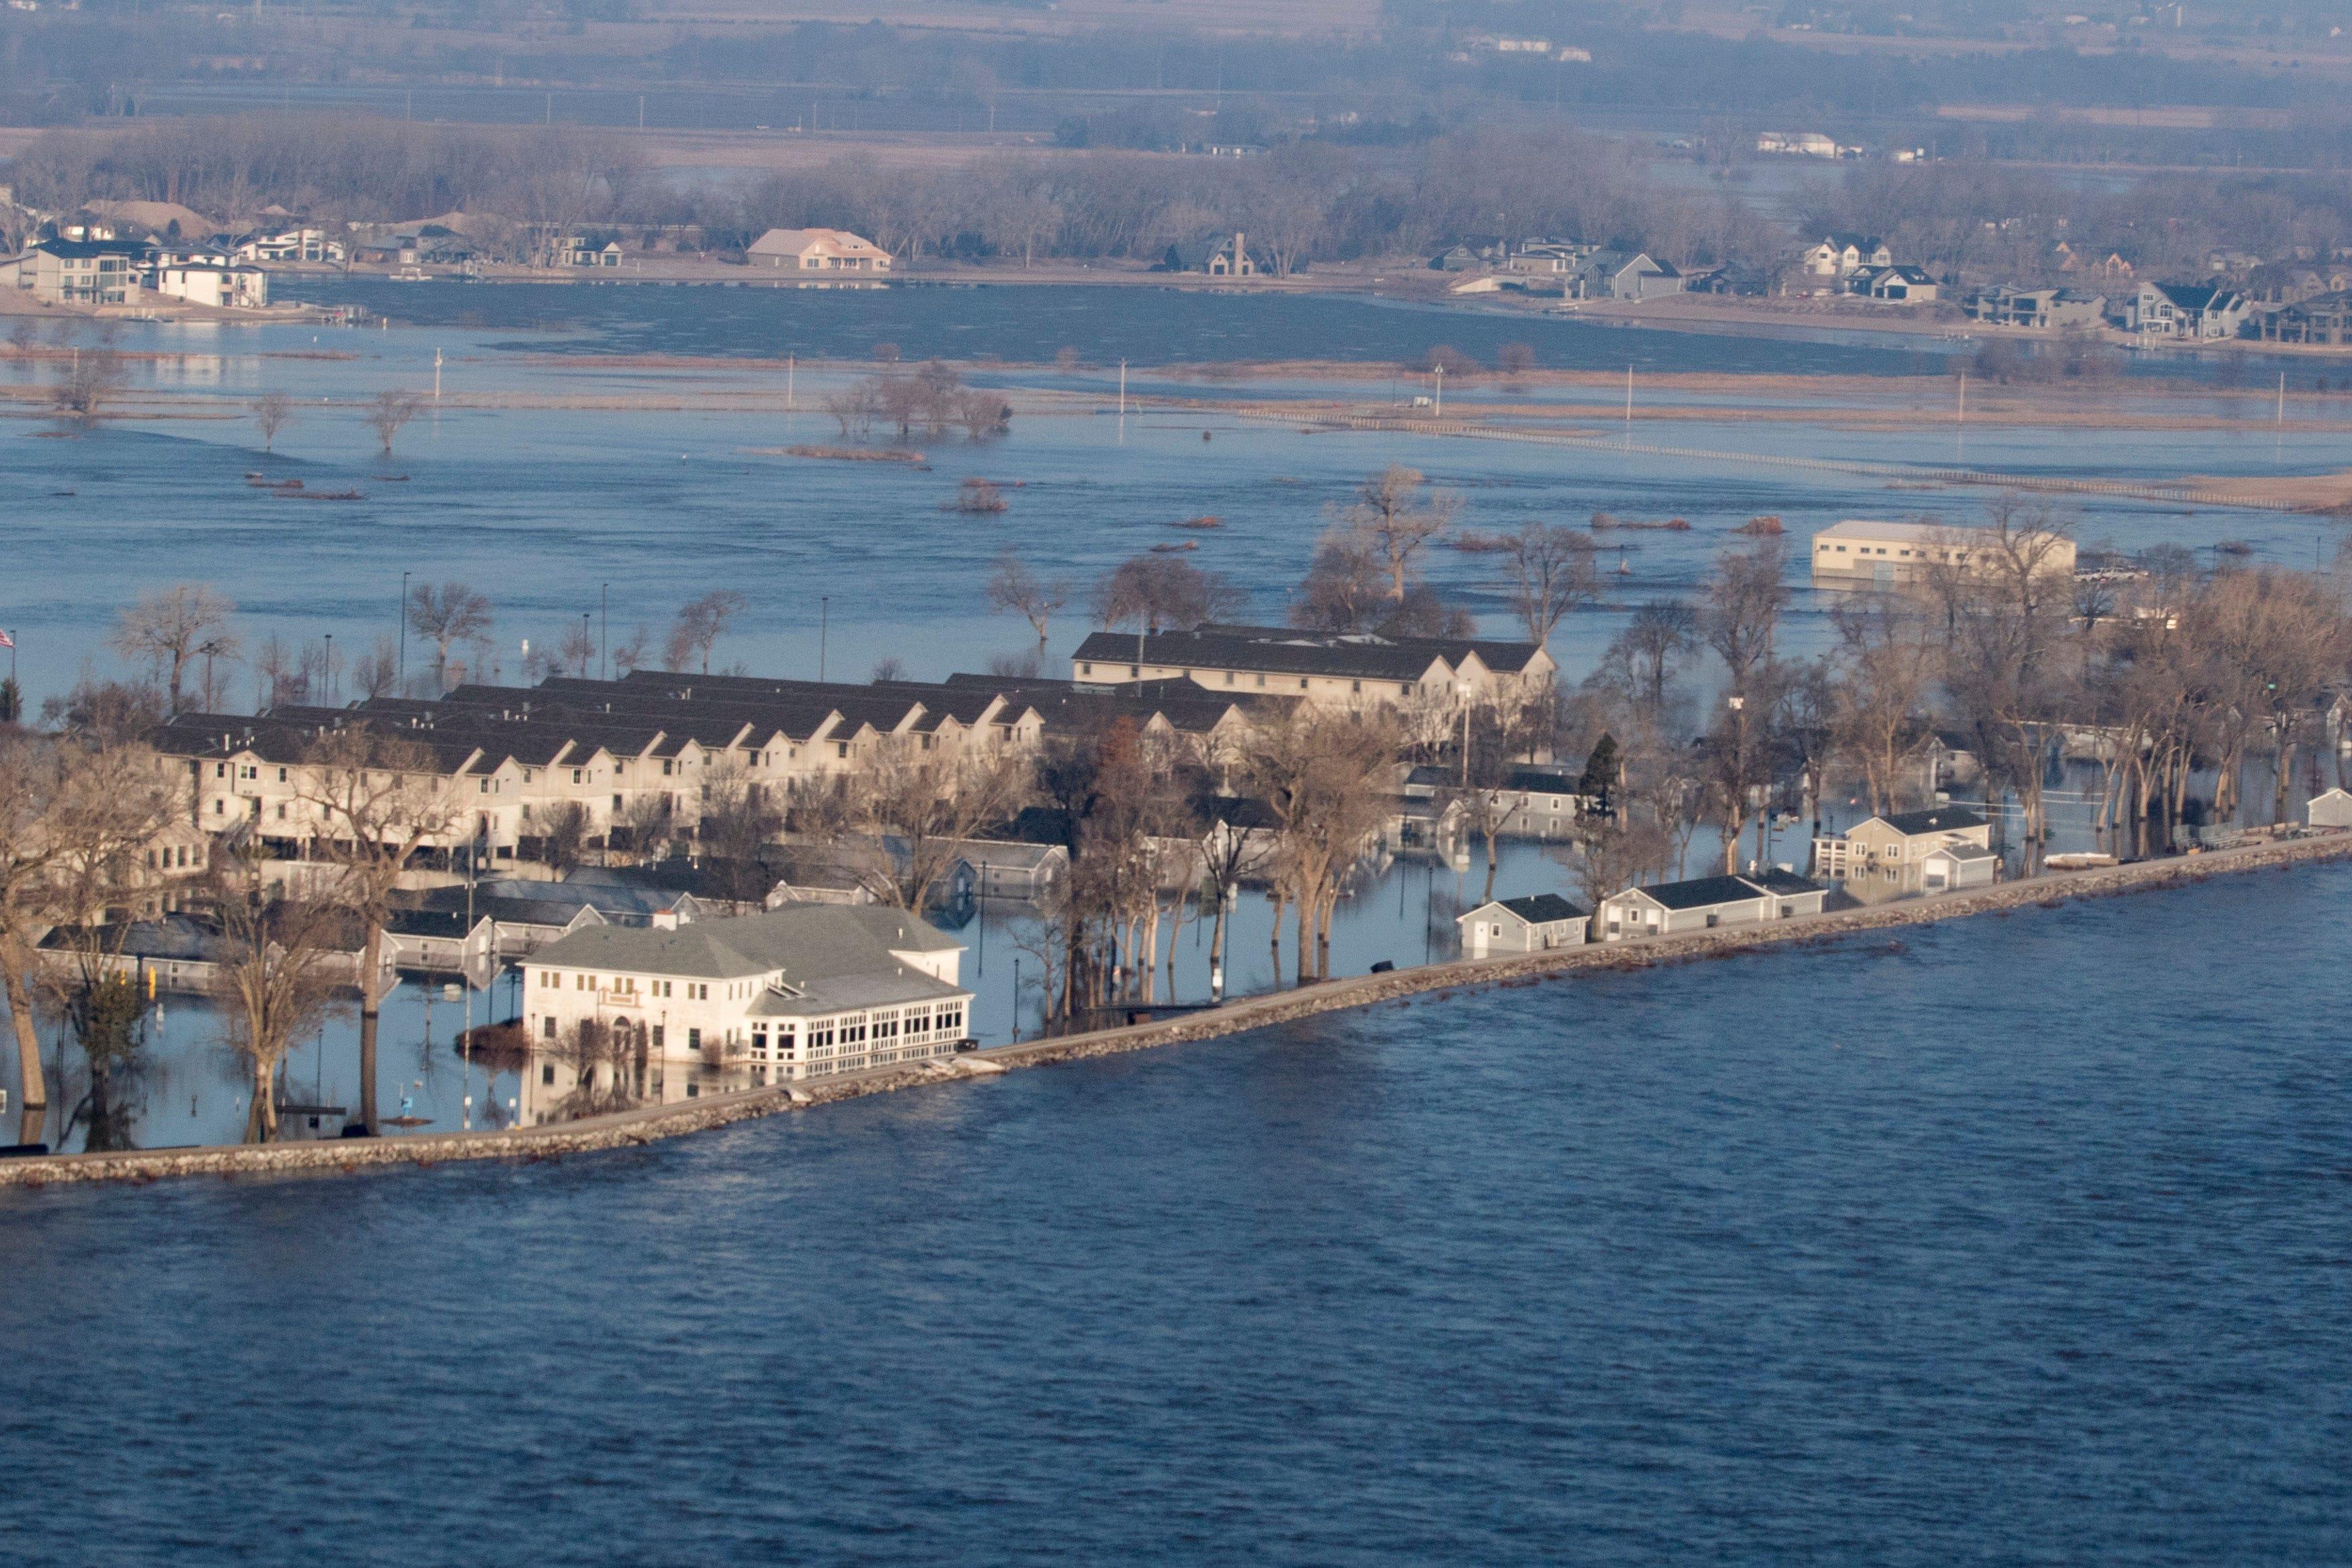 Flooding at the Camp Ashland, Nebraska in Ashland, Neb., on Sunday.